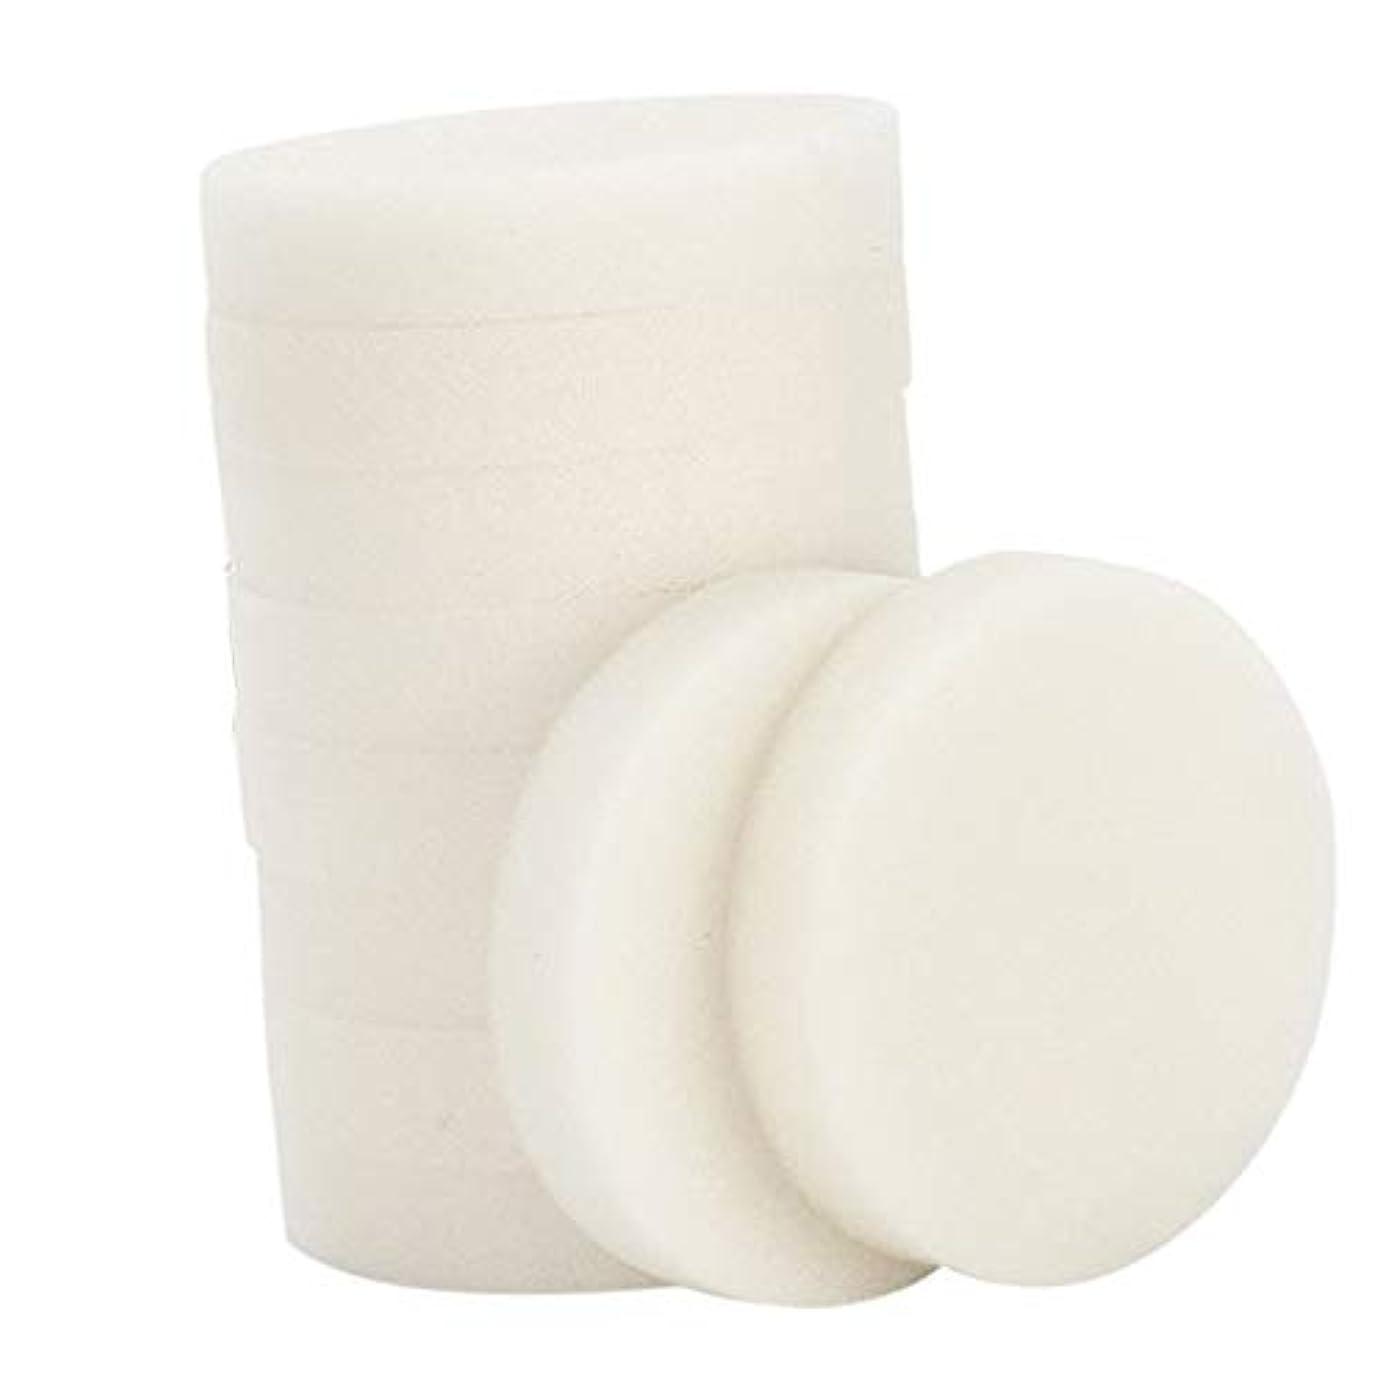 建物隔離意欲10個 メイク落とし 使い捨て 洗顔パフ 通気性 洗顔スポンジ メイクアップパフ 2サイズ選べ - 小